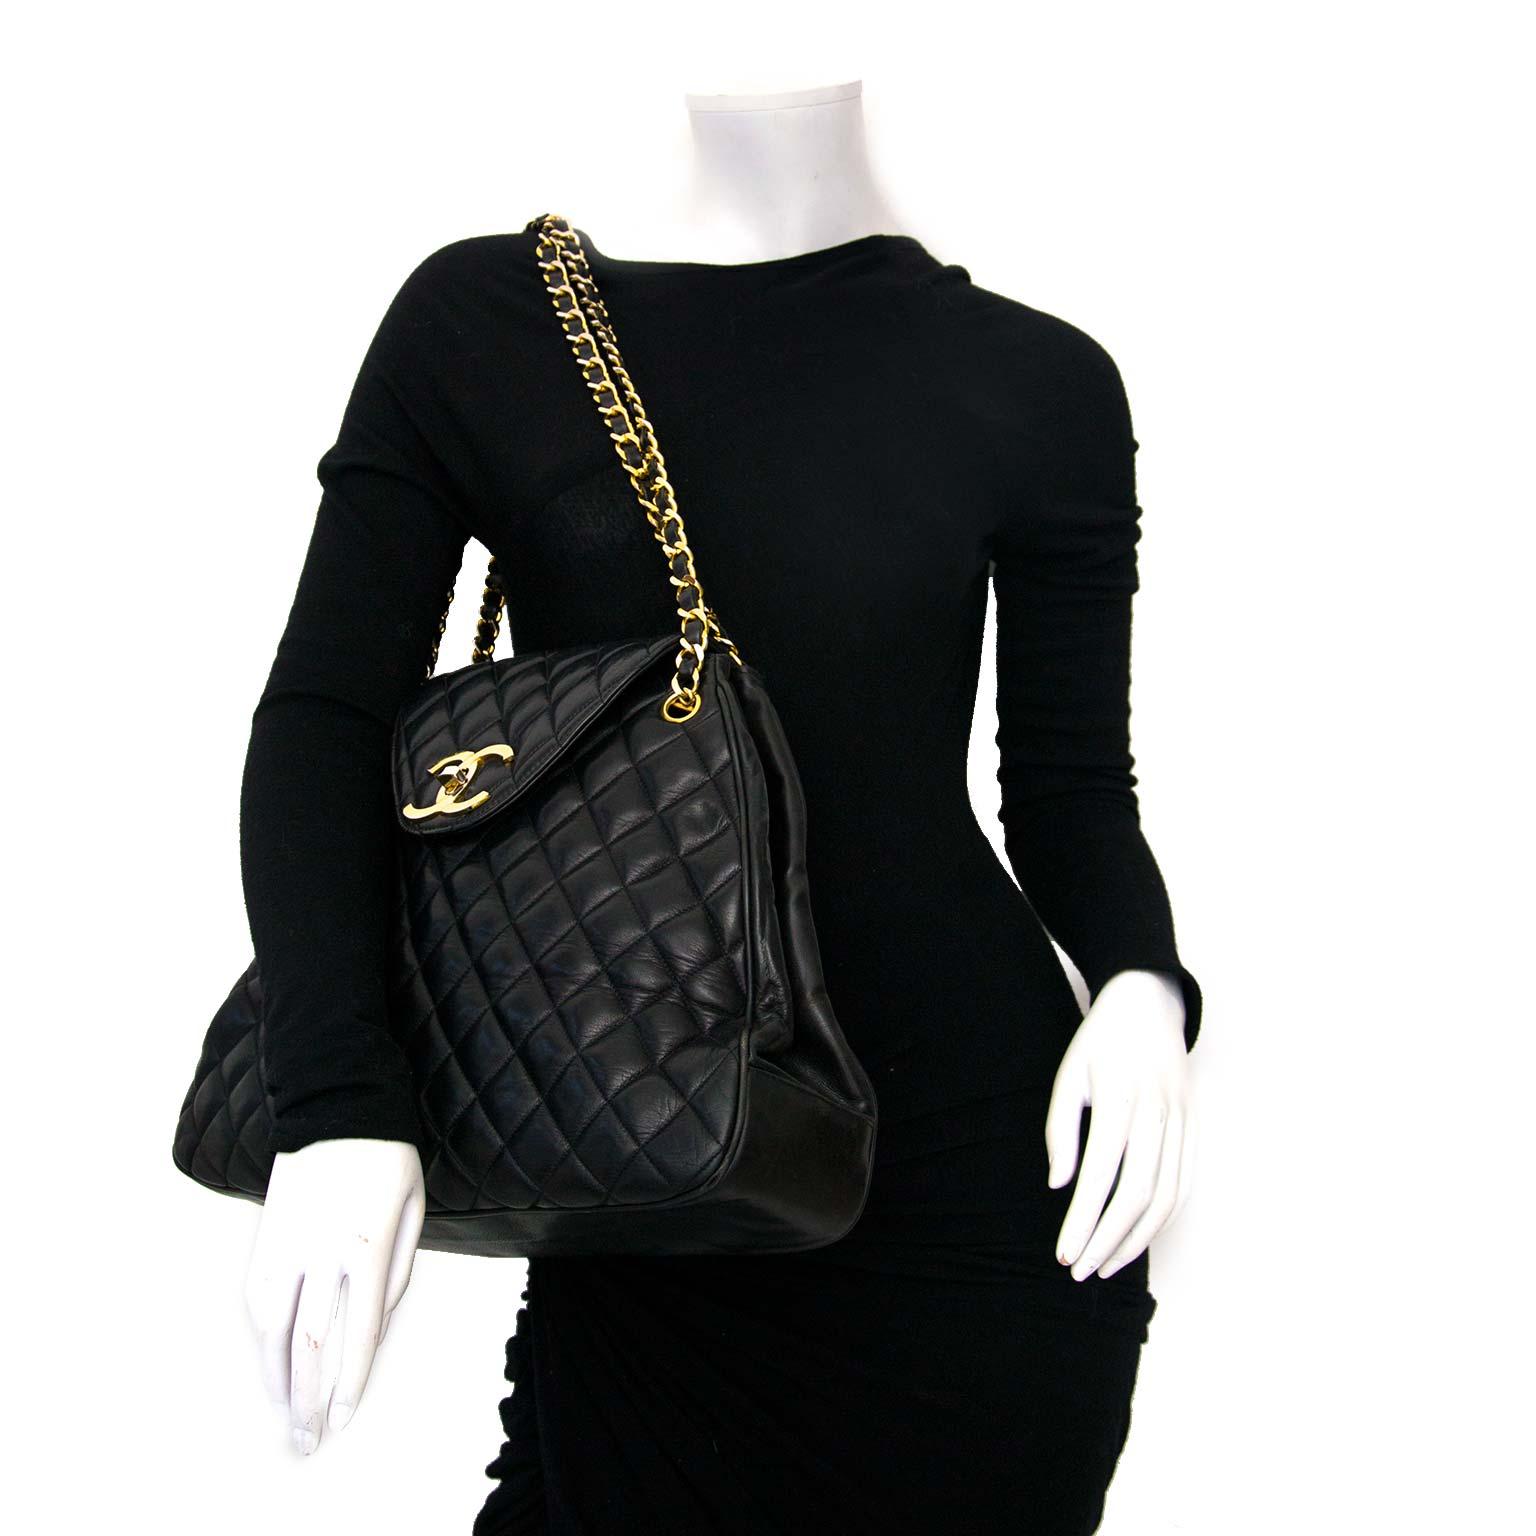 koop online tegen de beste prijs jou tweedehands Chanel Black Vintage Triangle Flap Bag